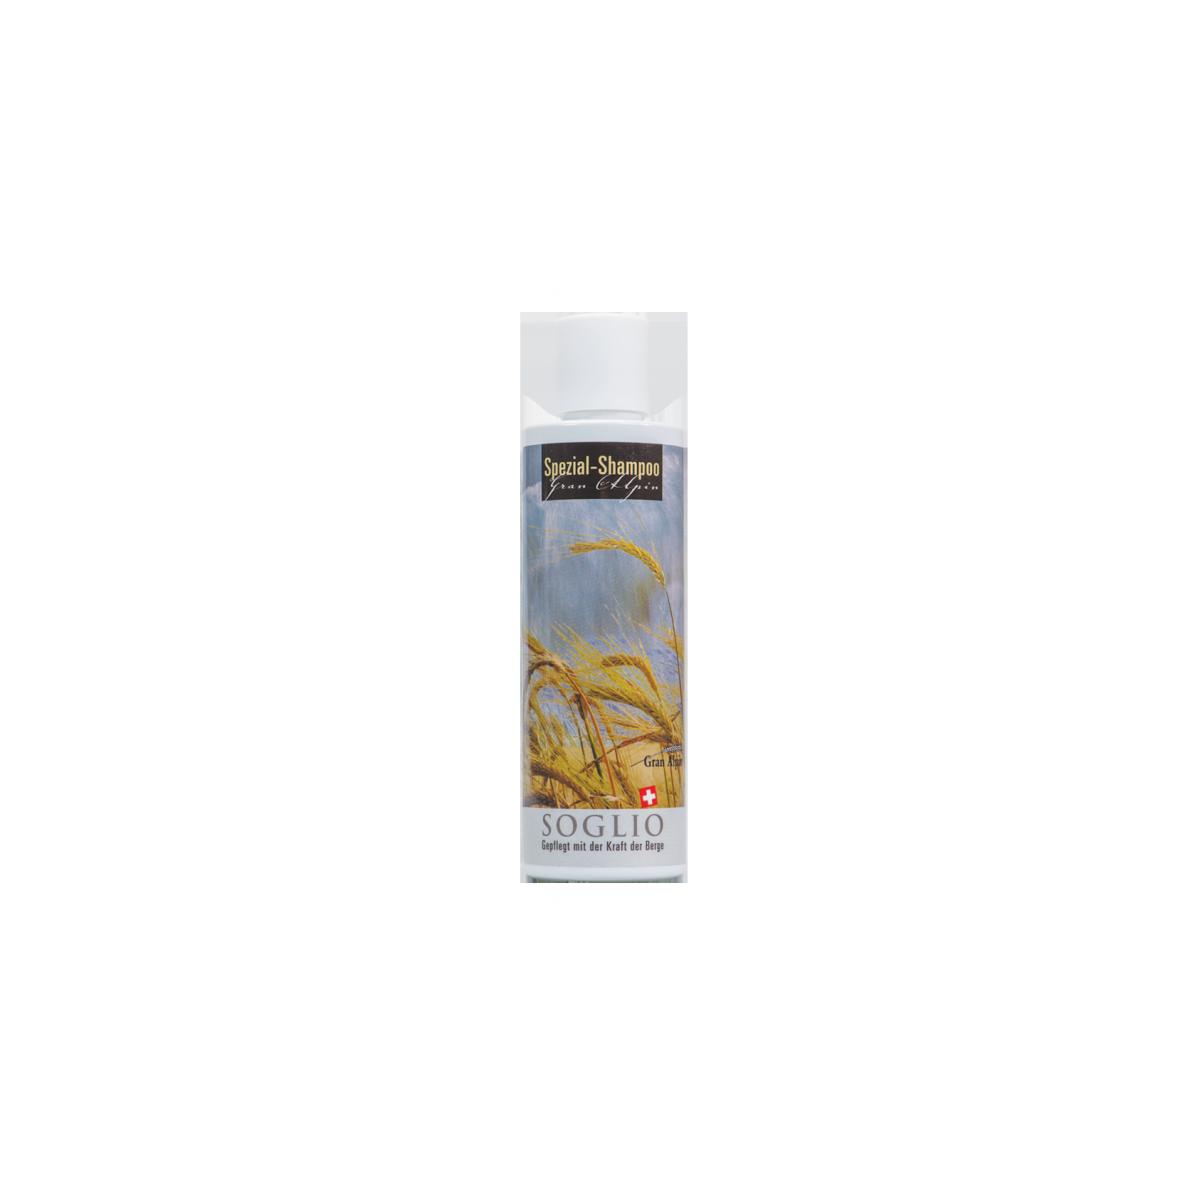 Shampoo Gran Alpin mild 200ml